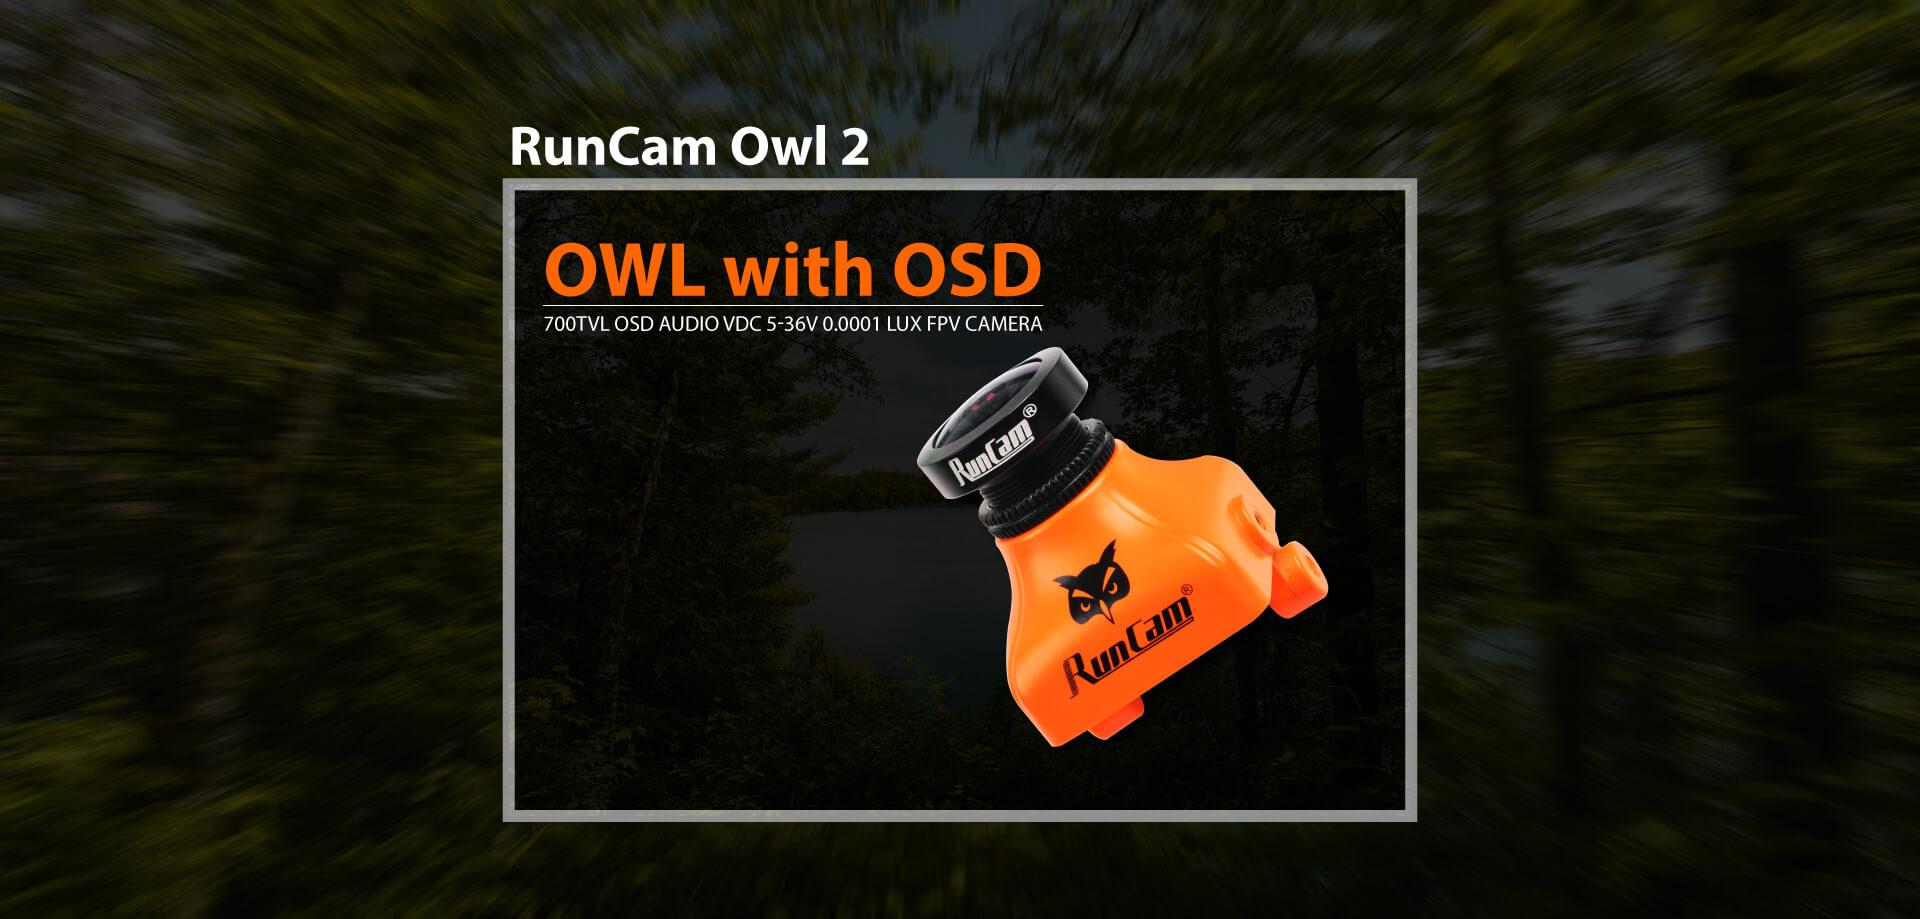 RunCam Owl 2